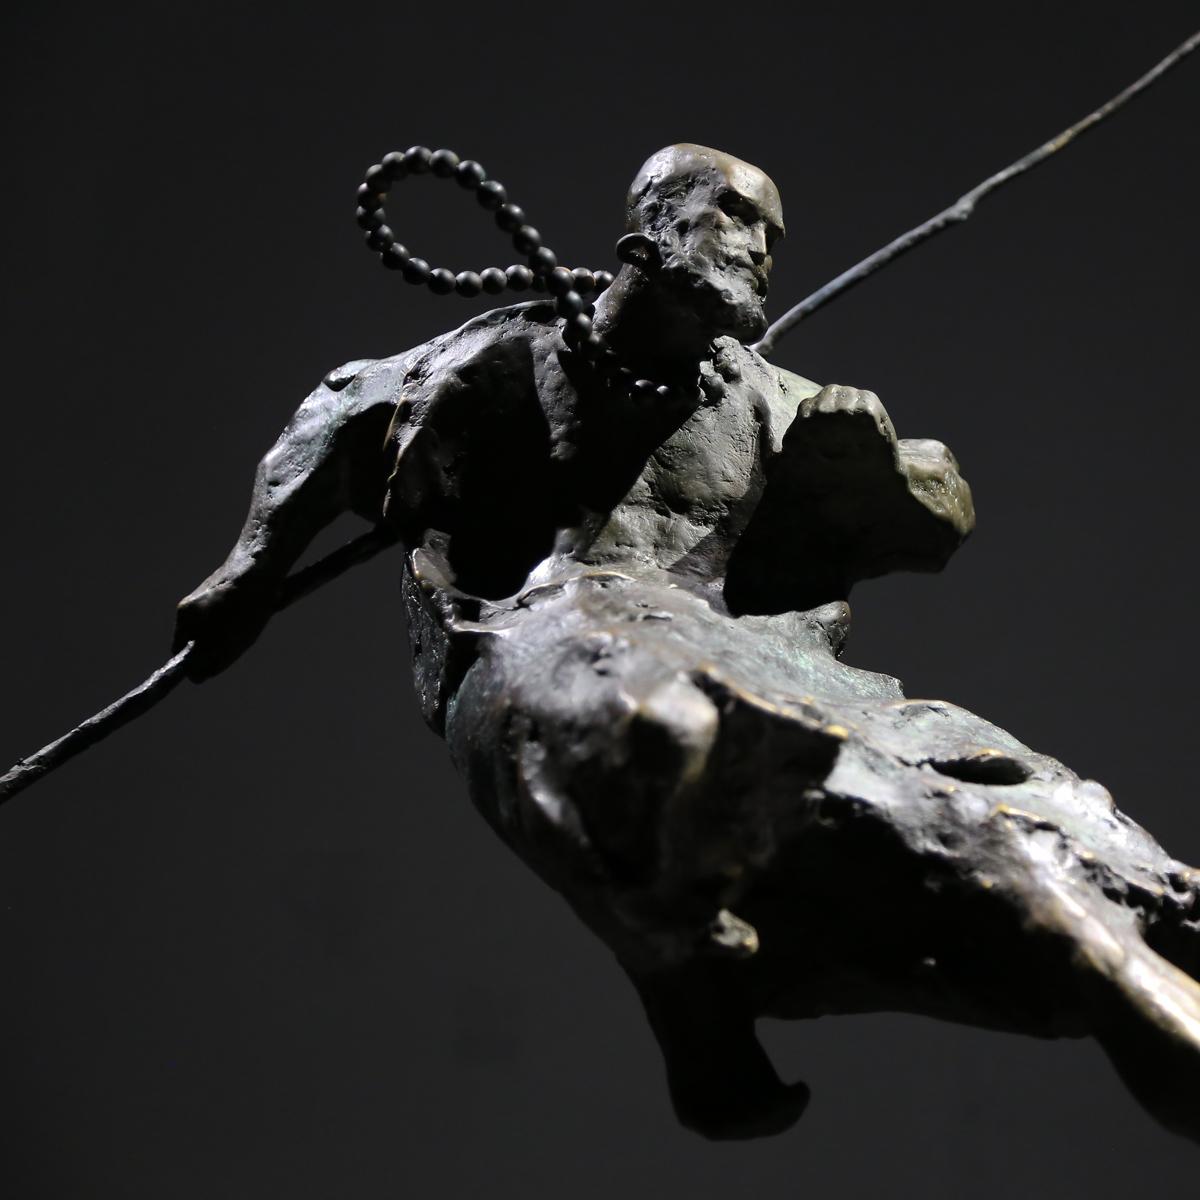 陳紹寬的佛像藝術品,達摩。